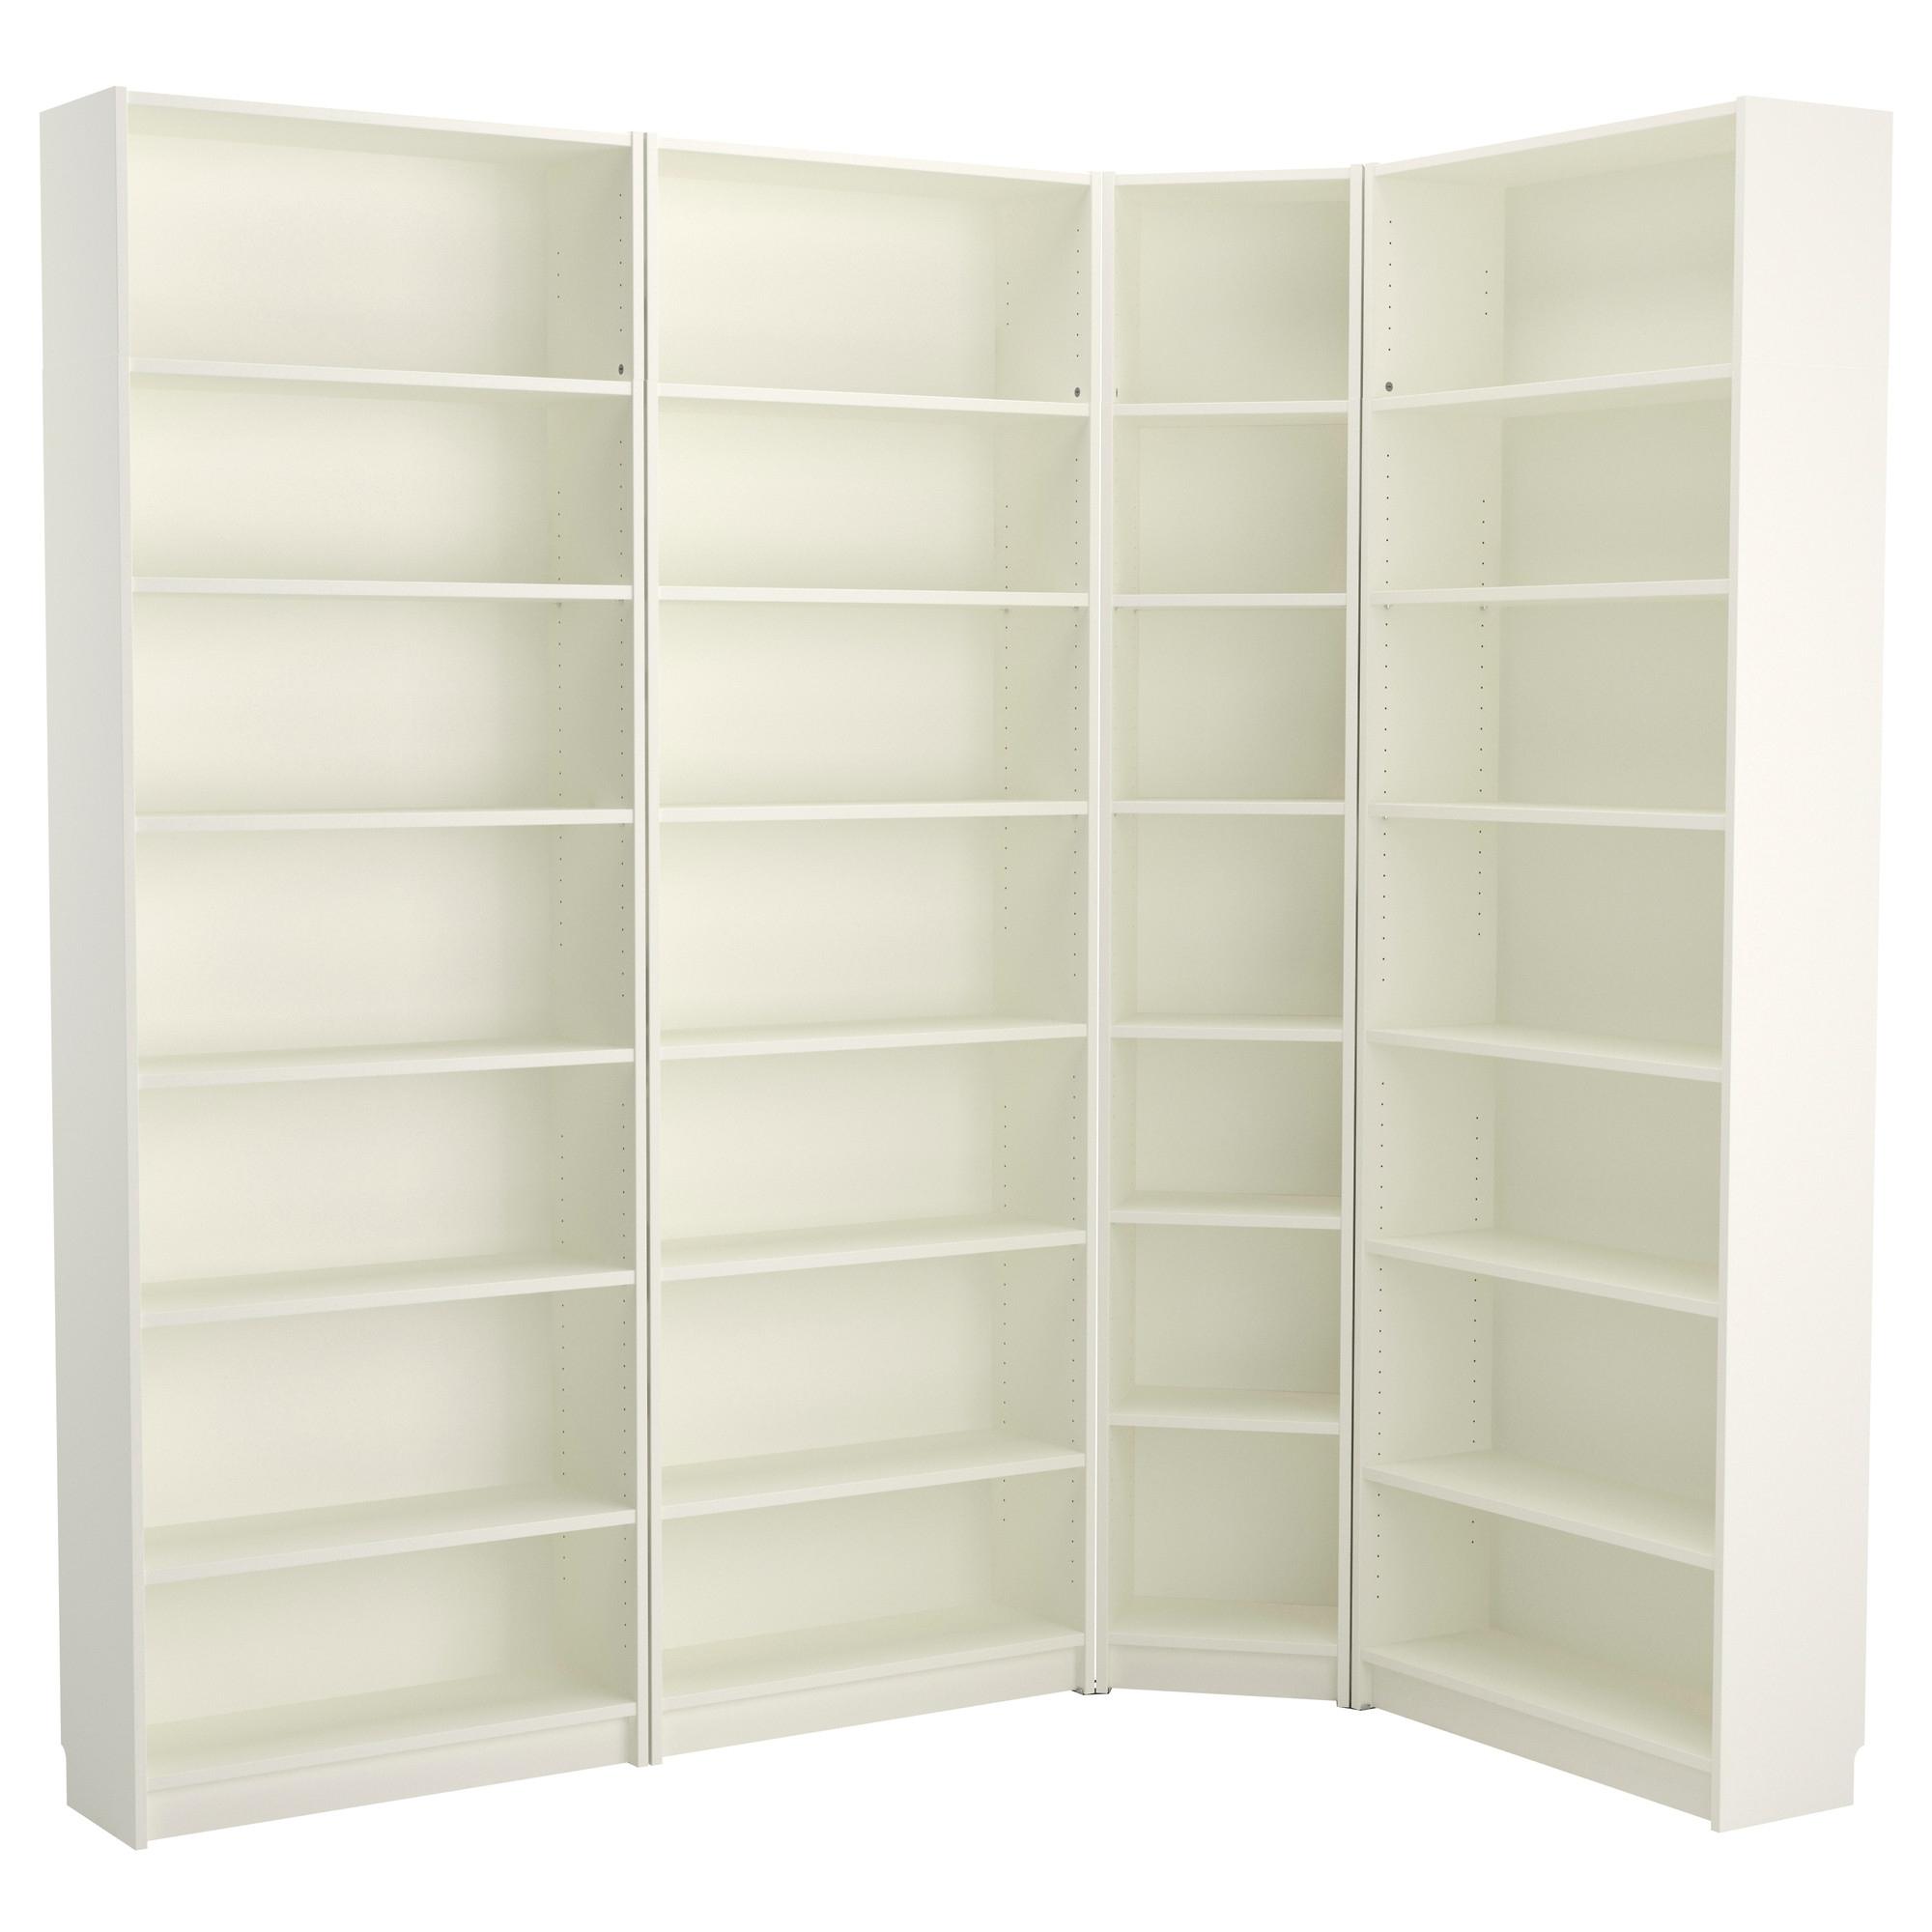 wood bookshelves appealing corner design unit resolution bookcase billy ideas bookshelf shelves gallery nursery white full high baby inspiring uk home ikea